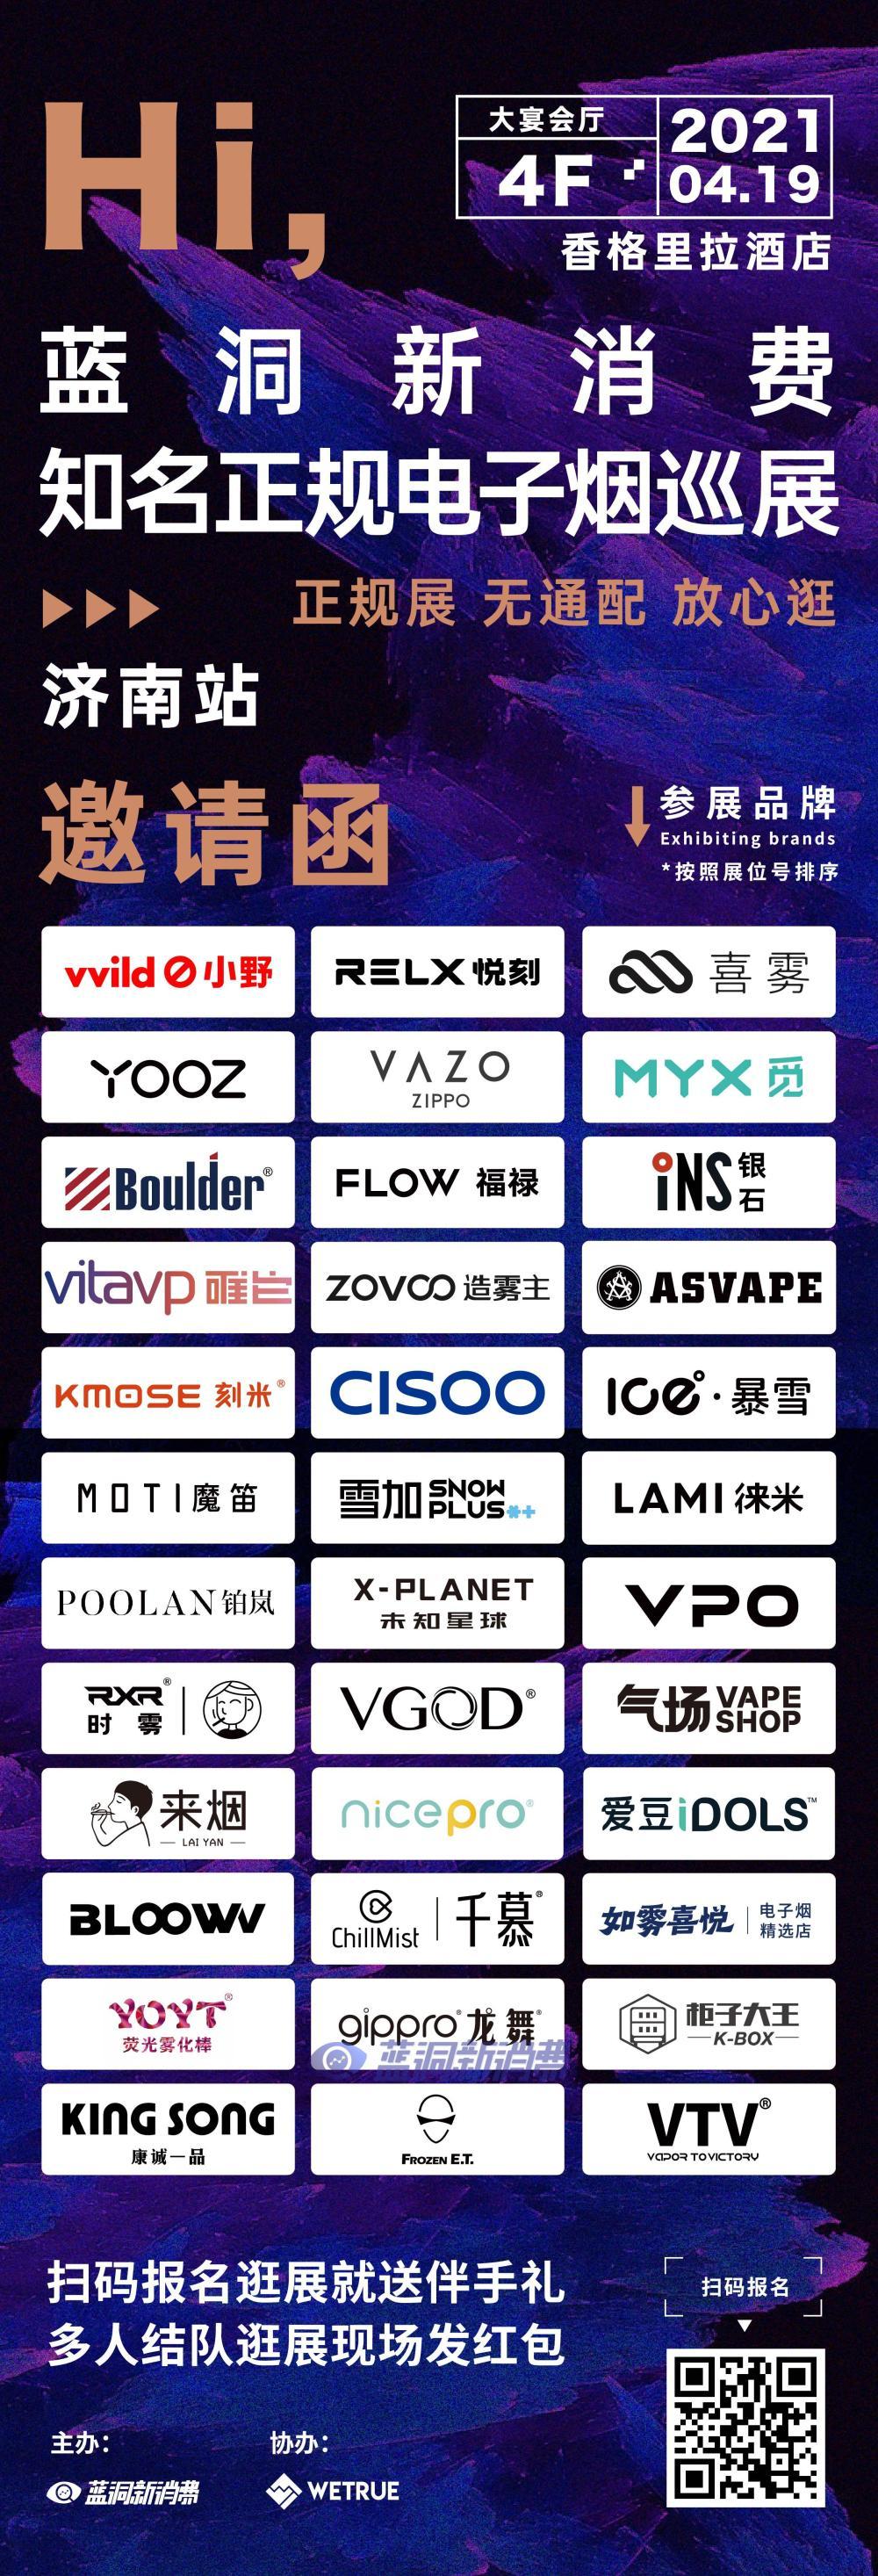 电子烟之都的深圳商报报道电子烟:错误连连,为黑而黑